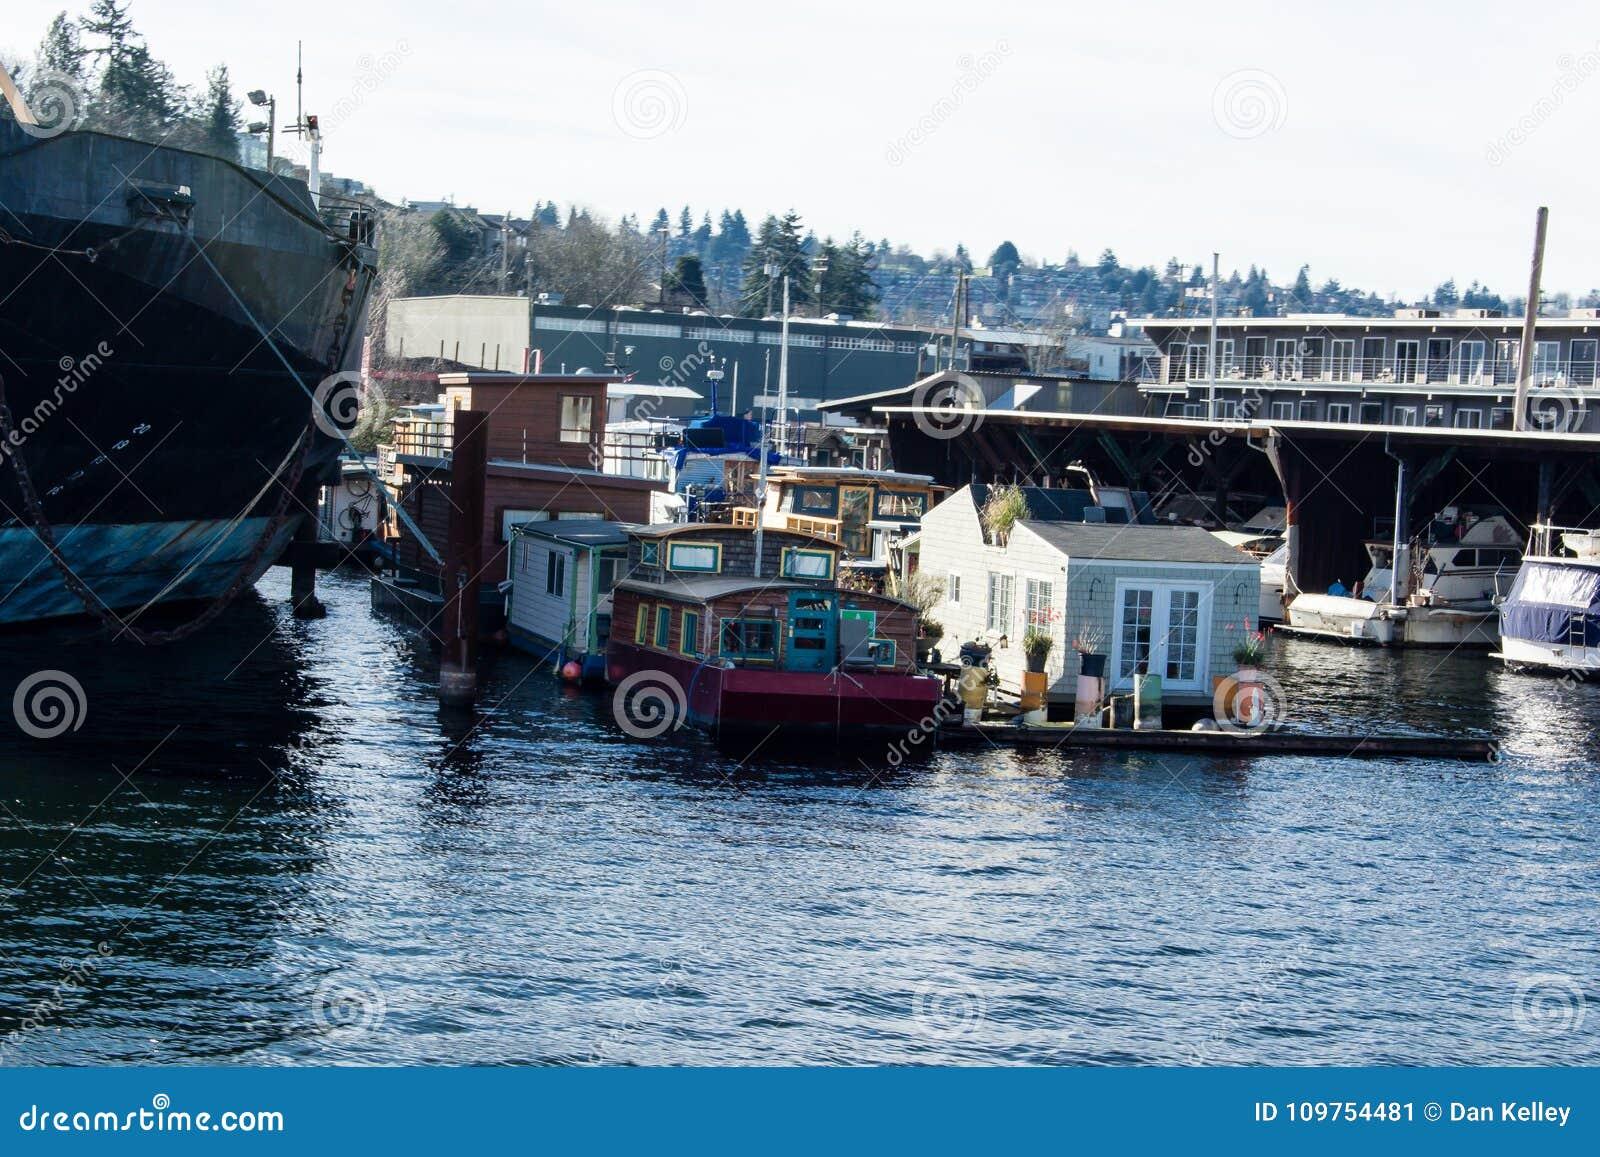 Barcos de casa em Salmon Bay transversalmente de Ballard ao lado de um navio